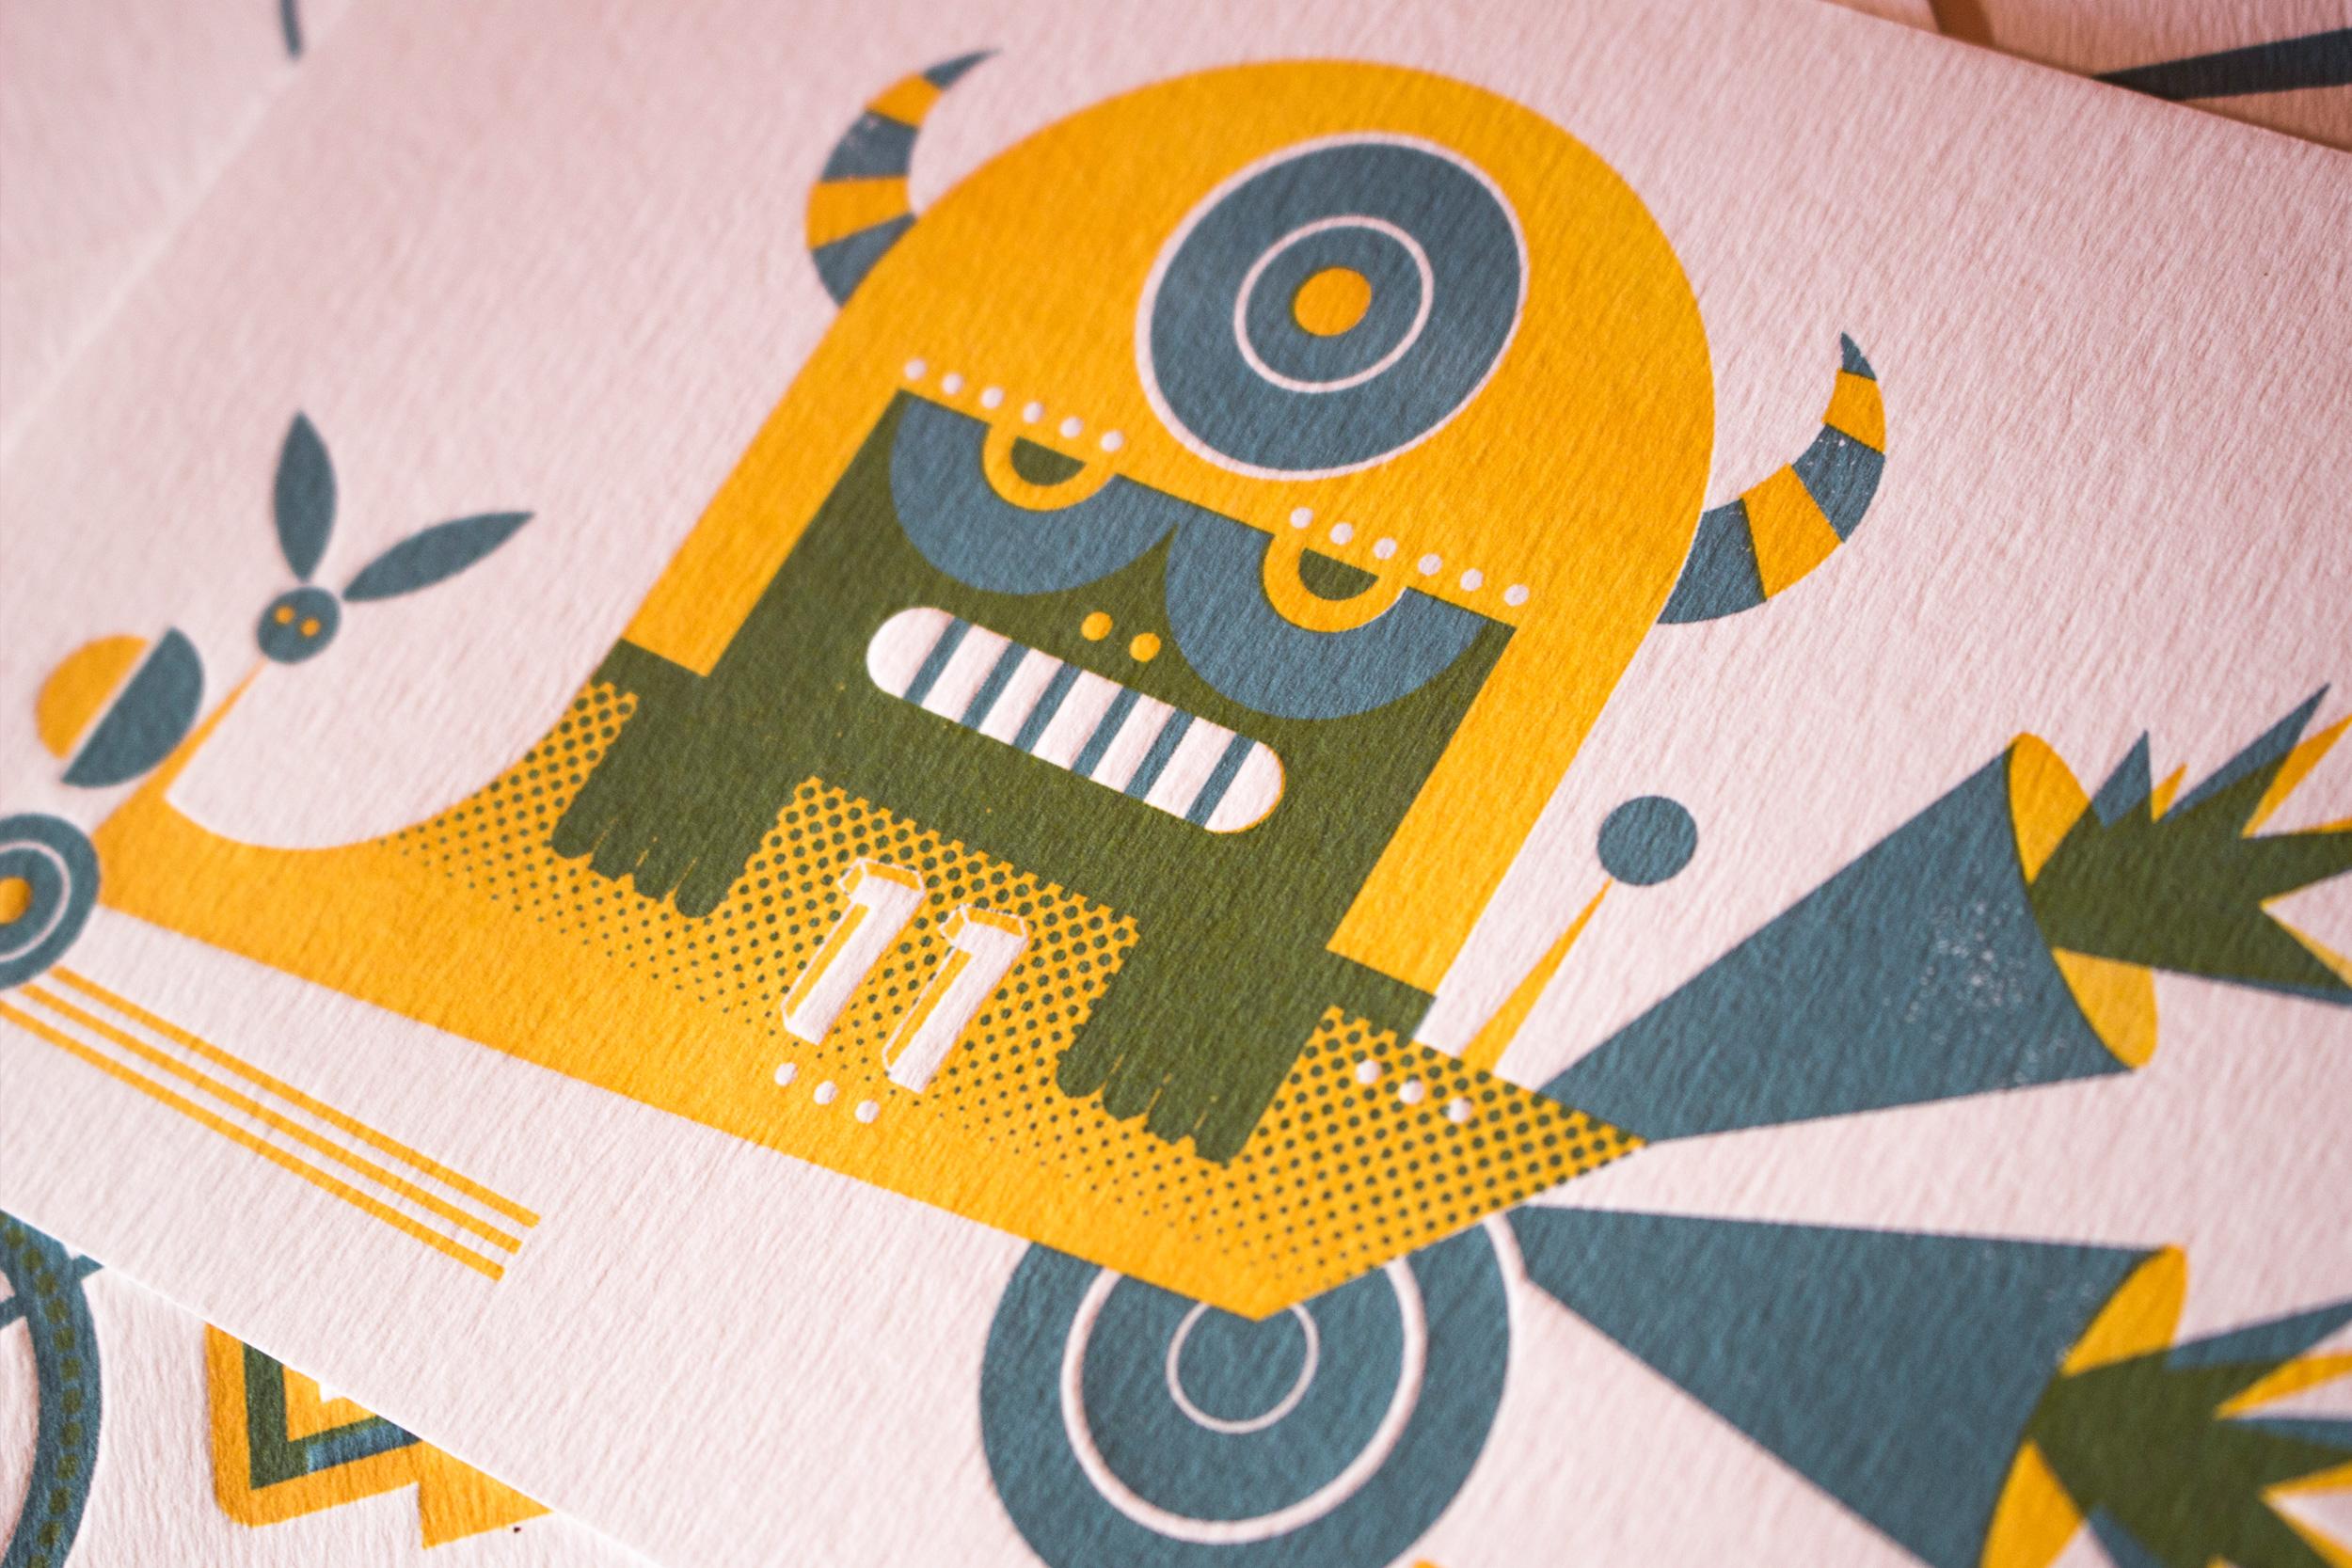 ediciones-cubillas-2-papel-principal-letterpress-imprenta-tipografica-1.jpg